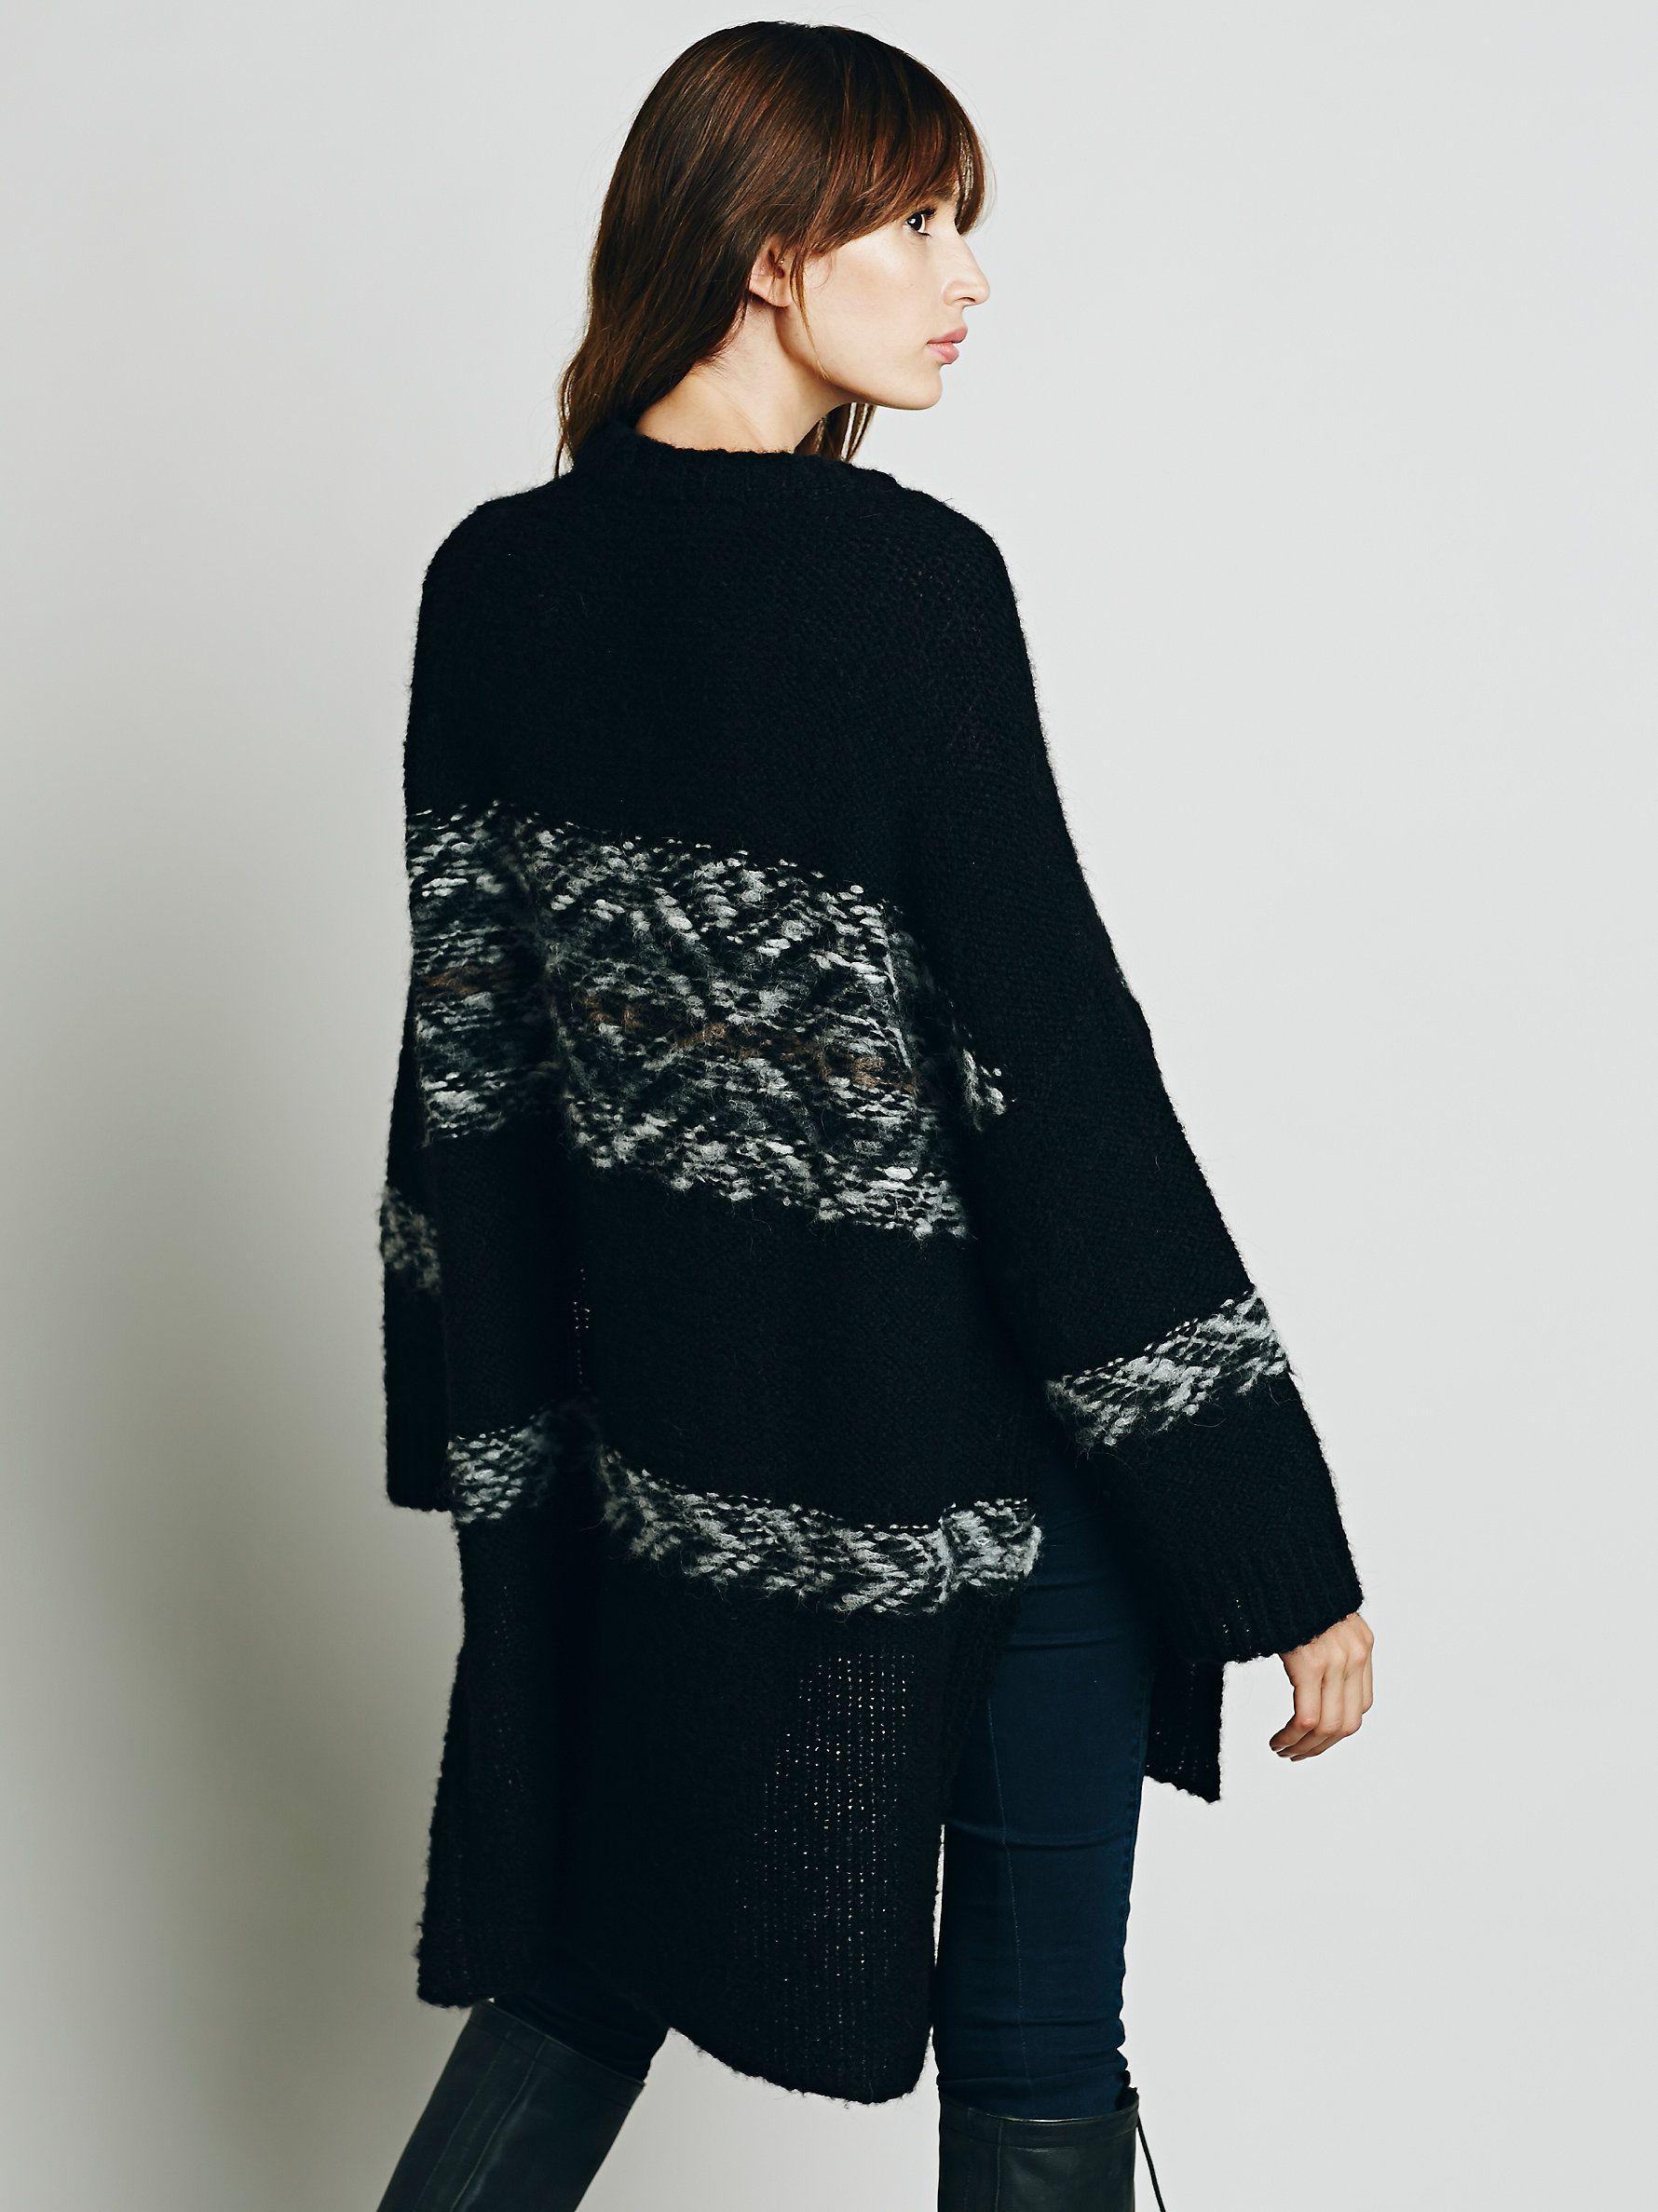 Free People Alpaca Fairisle Tunic Sweater, ₡82508.94 | Sweaters ...